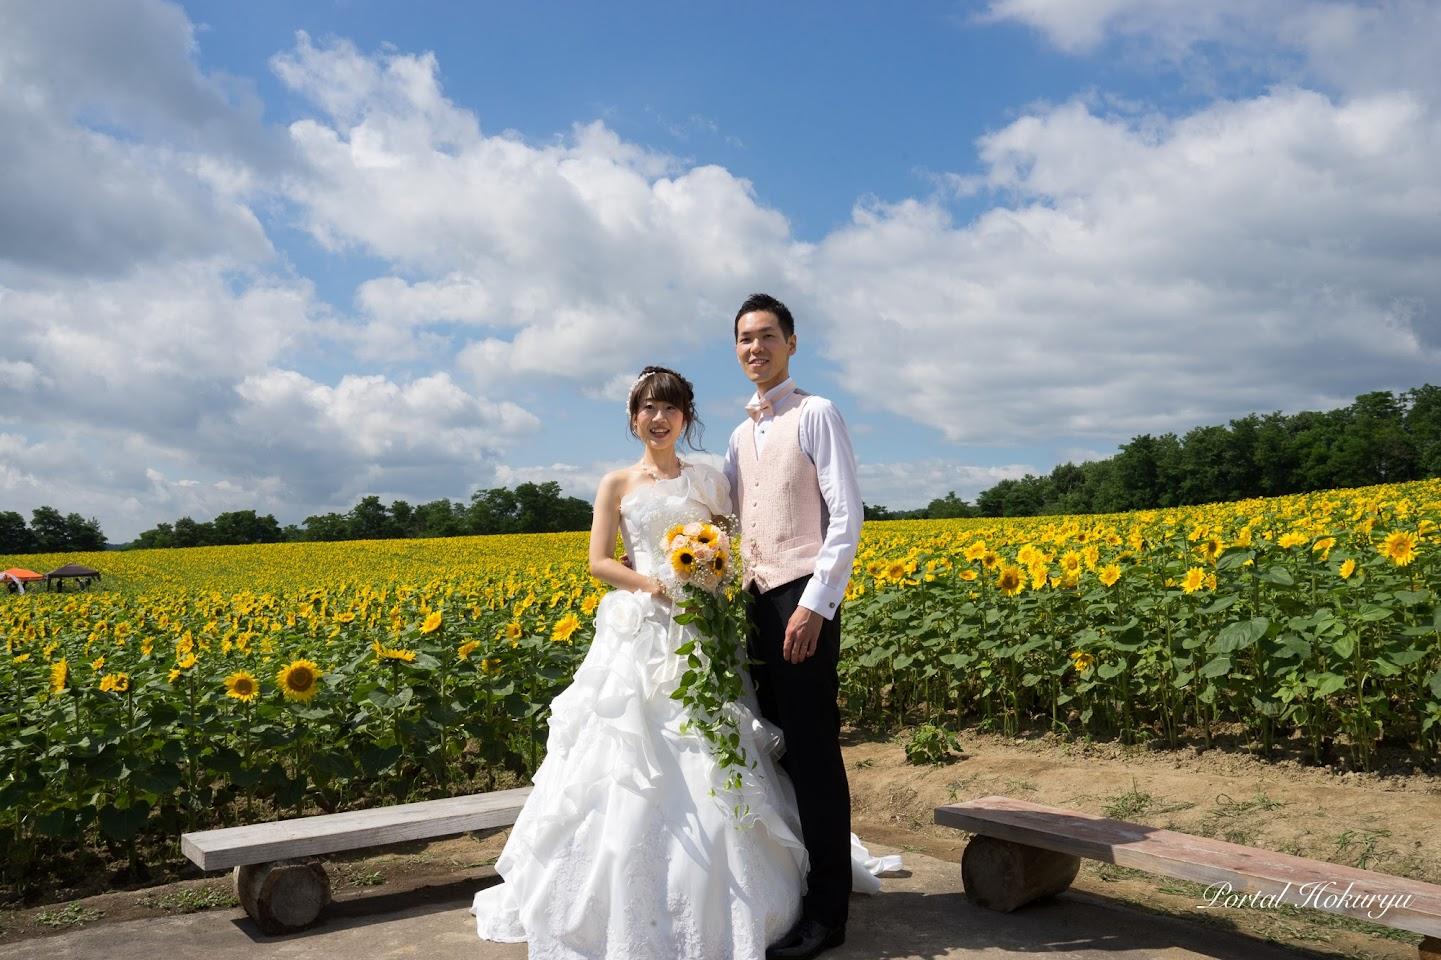 須田喜昭さん・沙斗子さんの人前結婚式